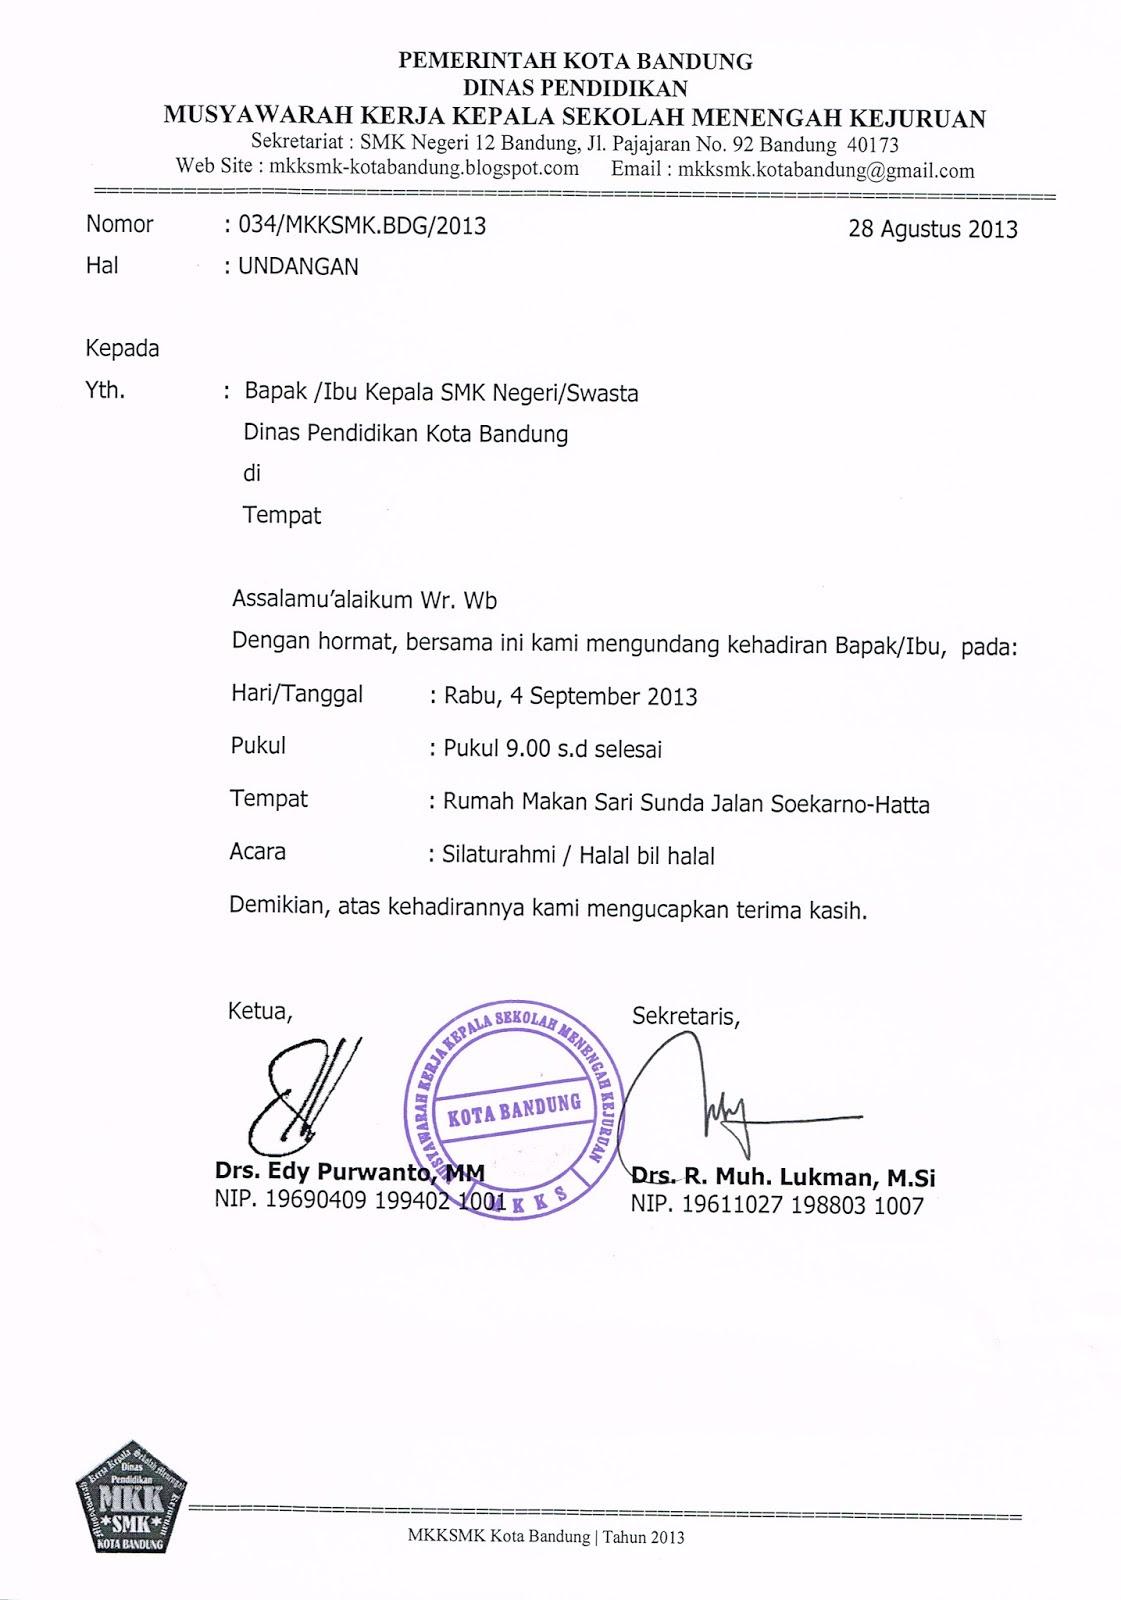 Contoh Undangan Untuk Kepala Dinas - Contoh Isi Undangan